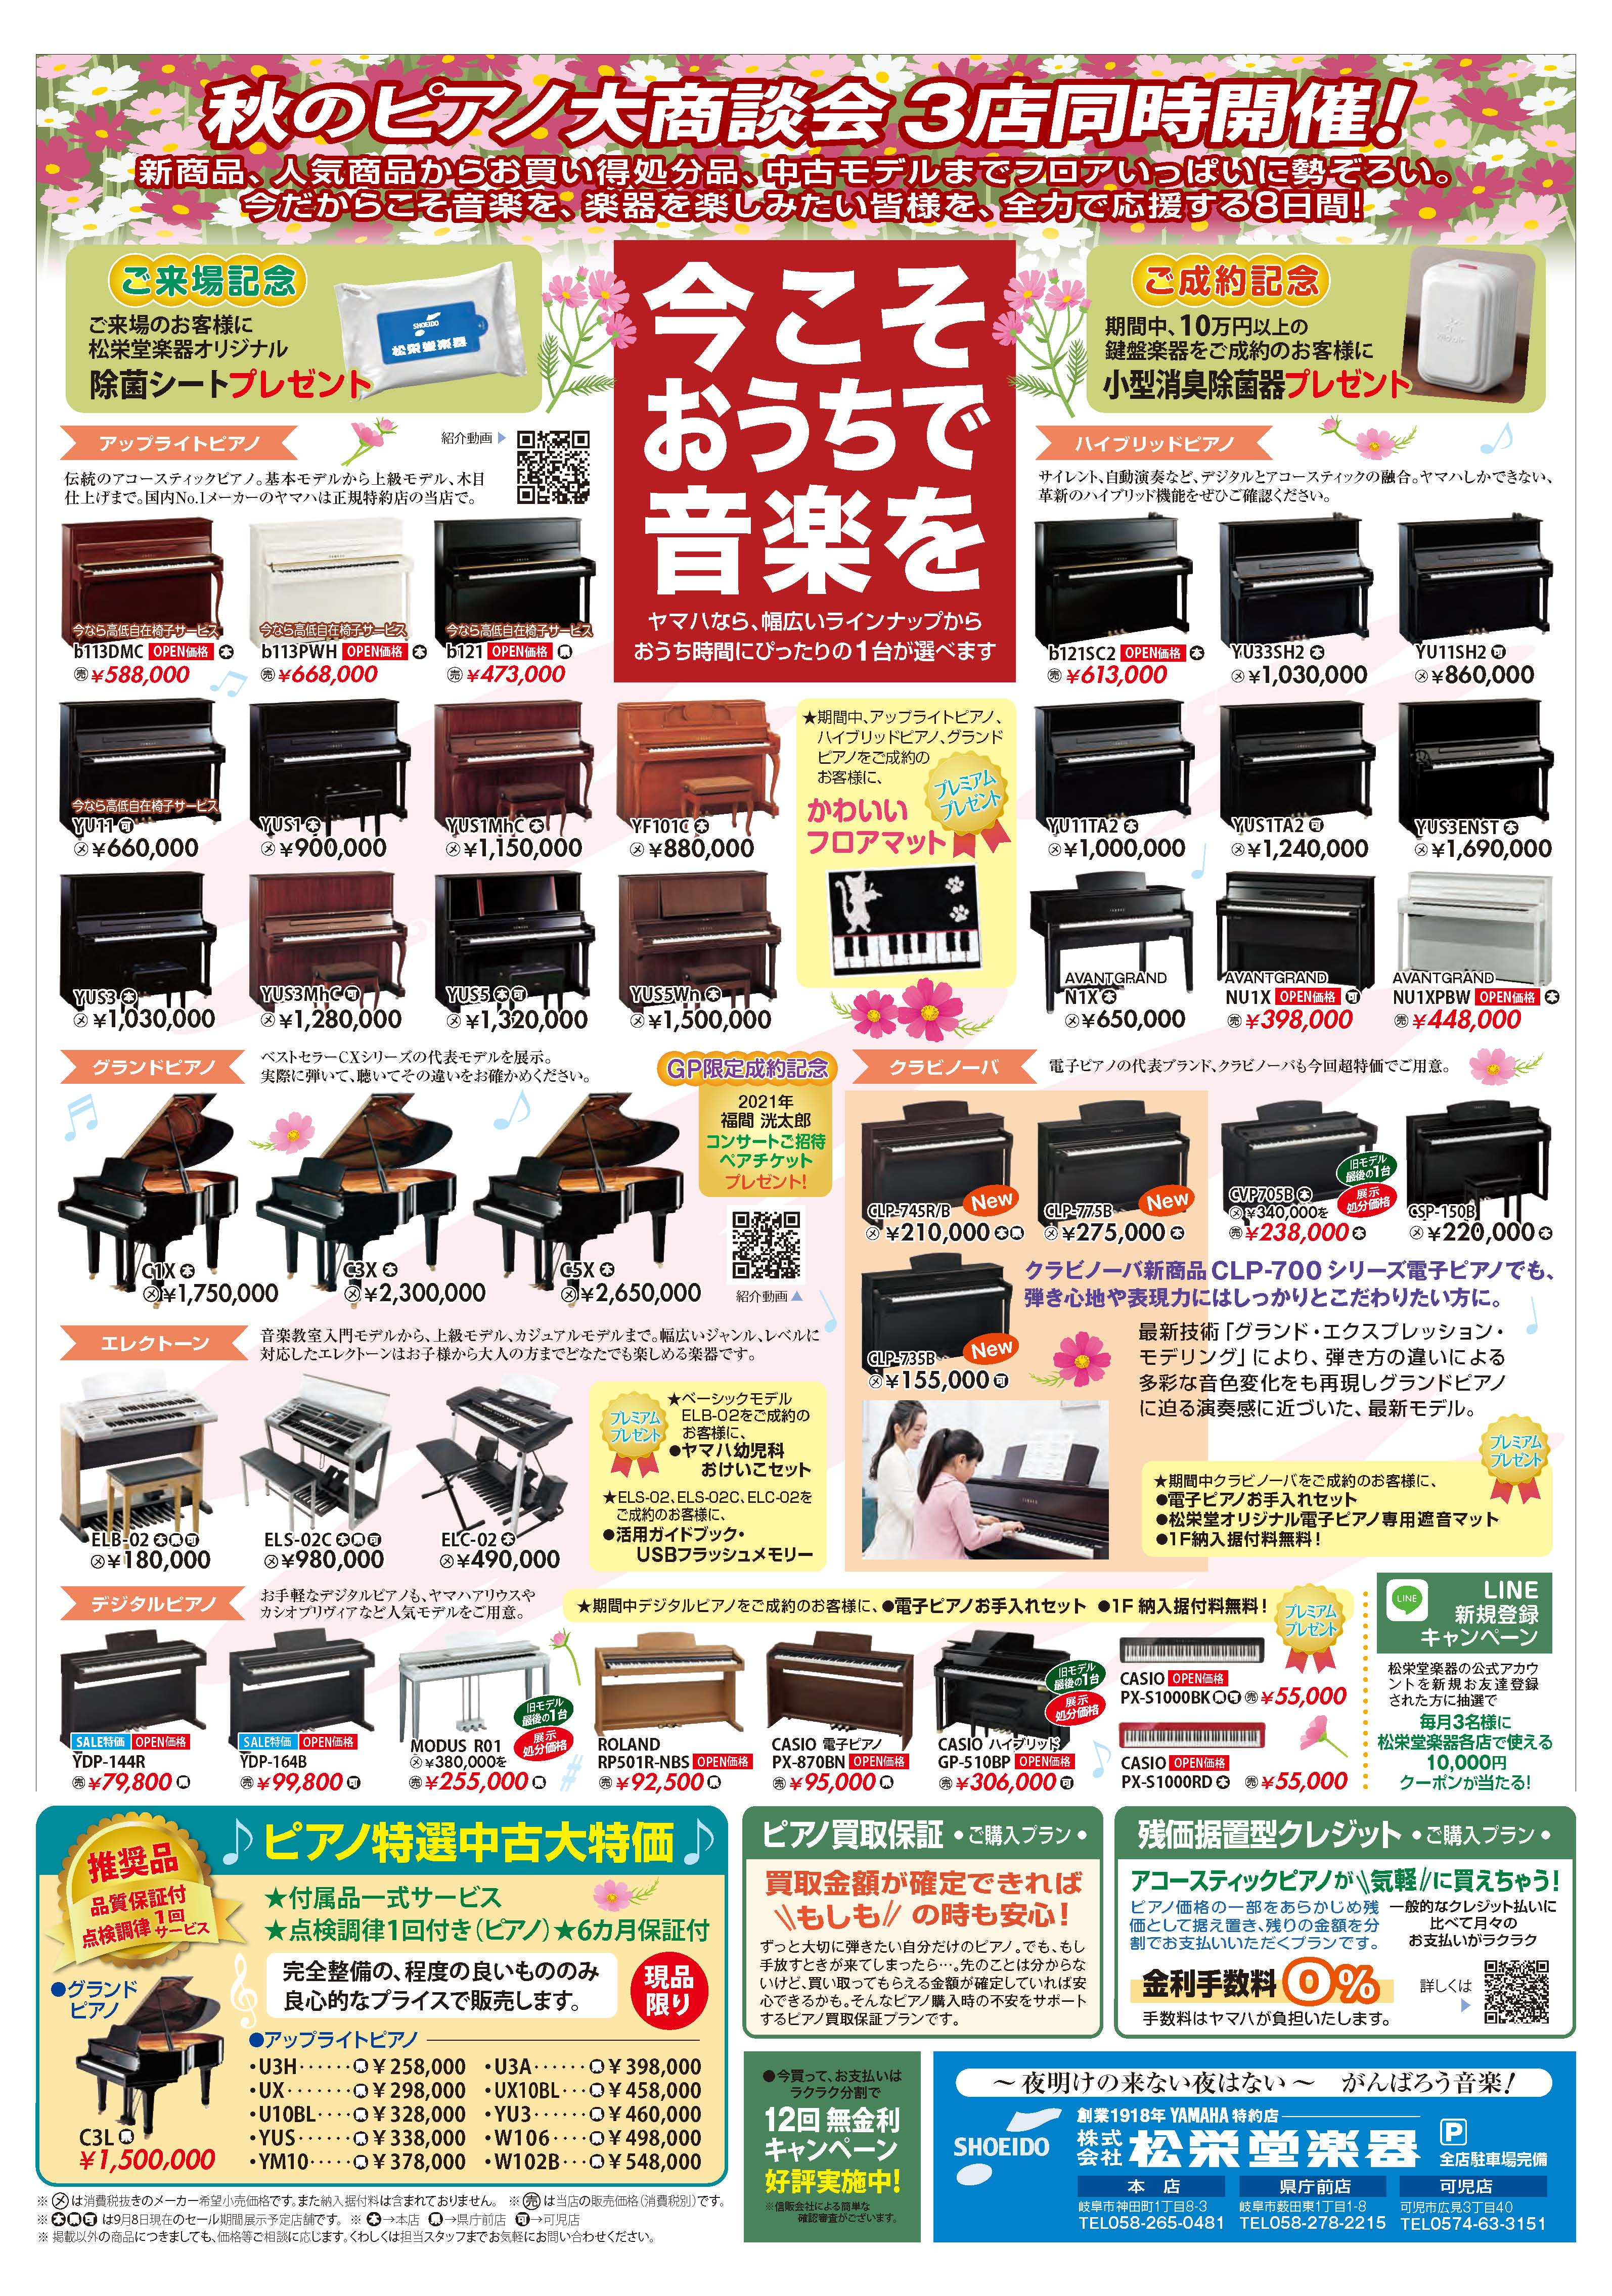 ヤマハピアノフェア202009裏